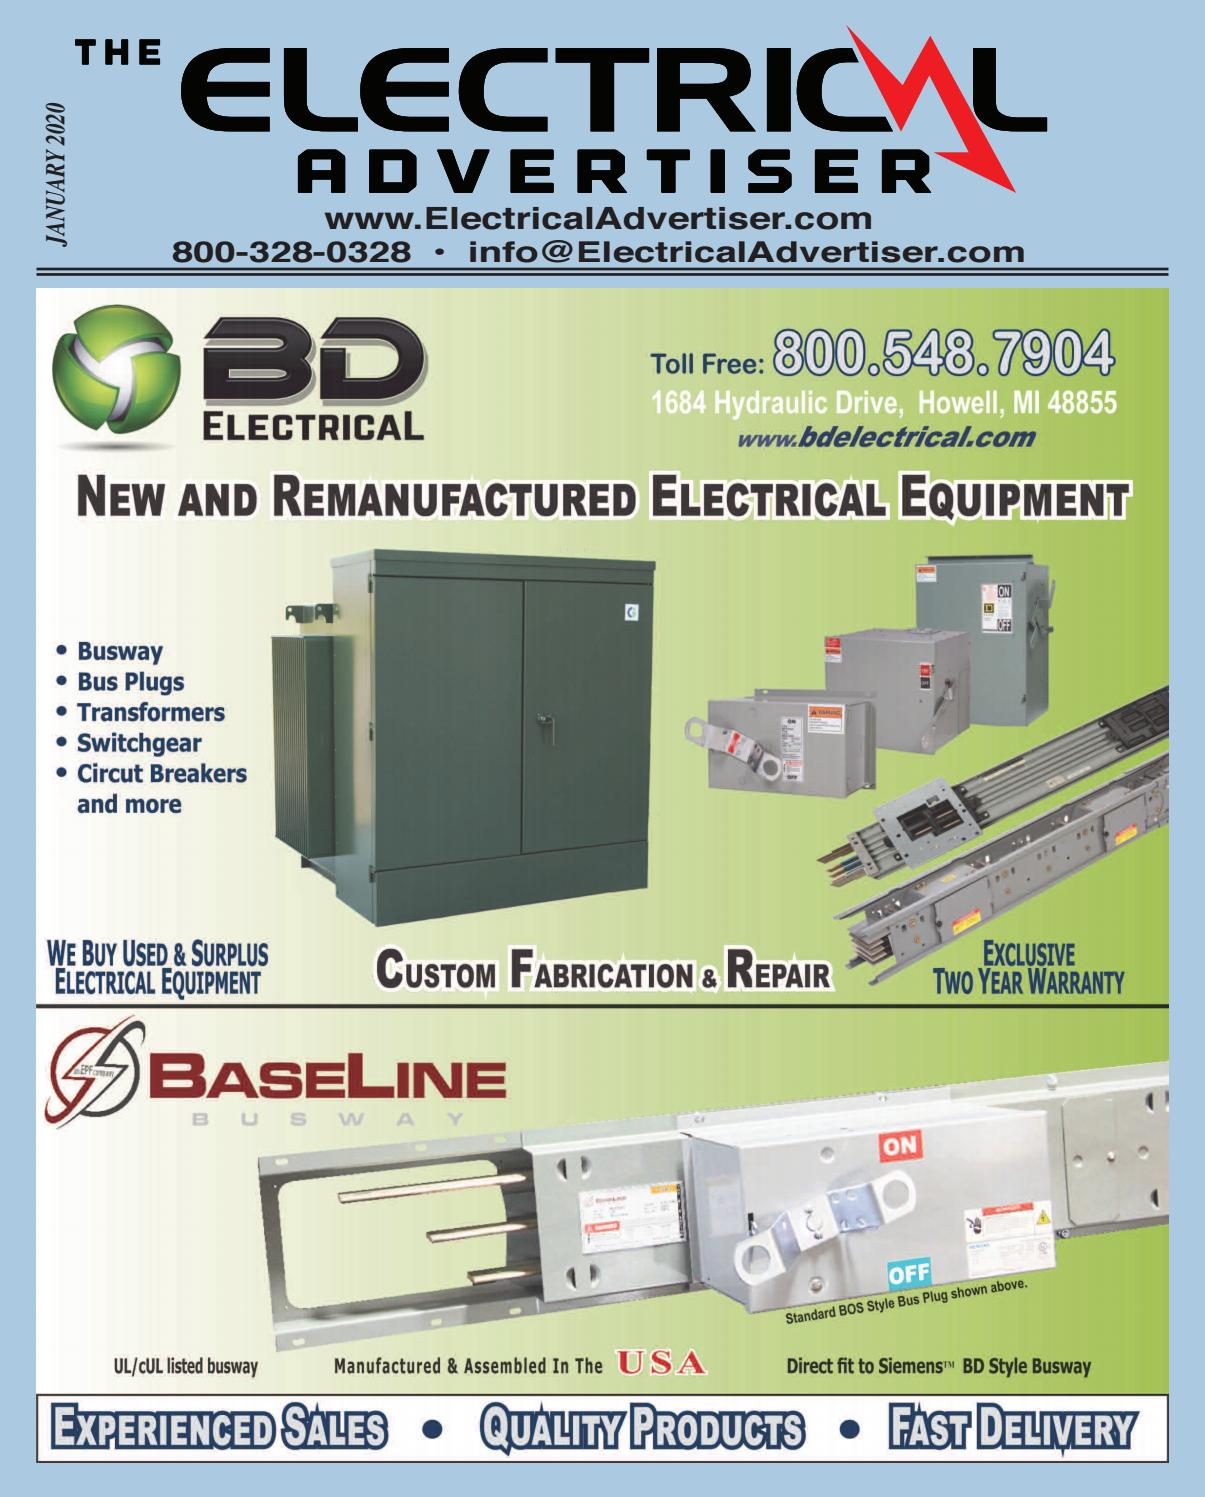 GE CCB Panelboard TEY Dual Mounting Hardware